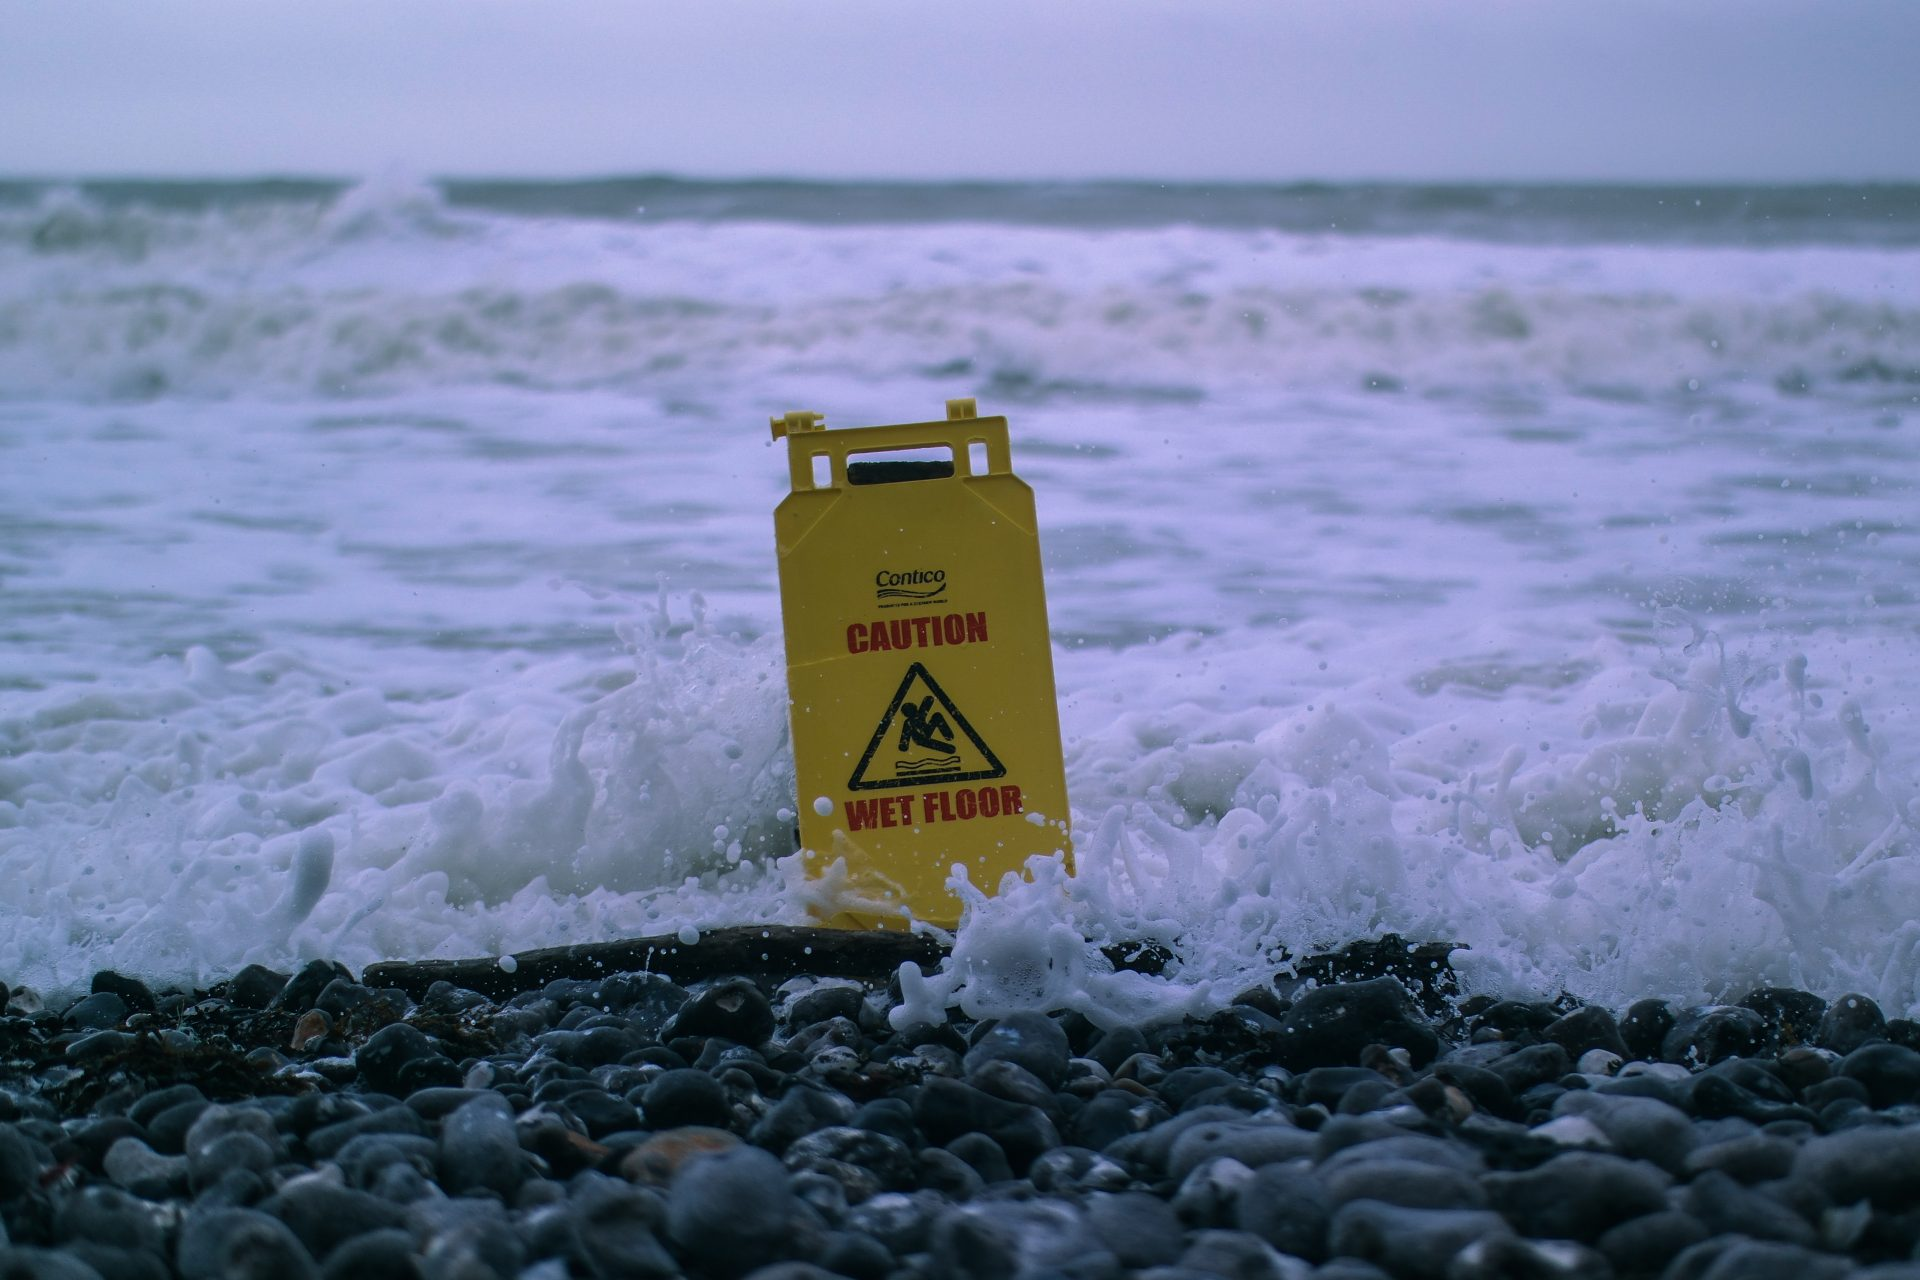 Wet floor sign in the sea